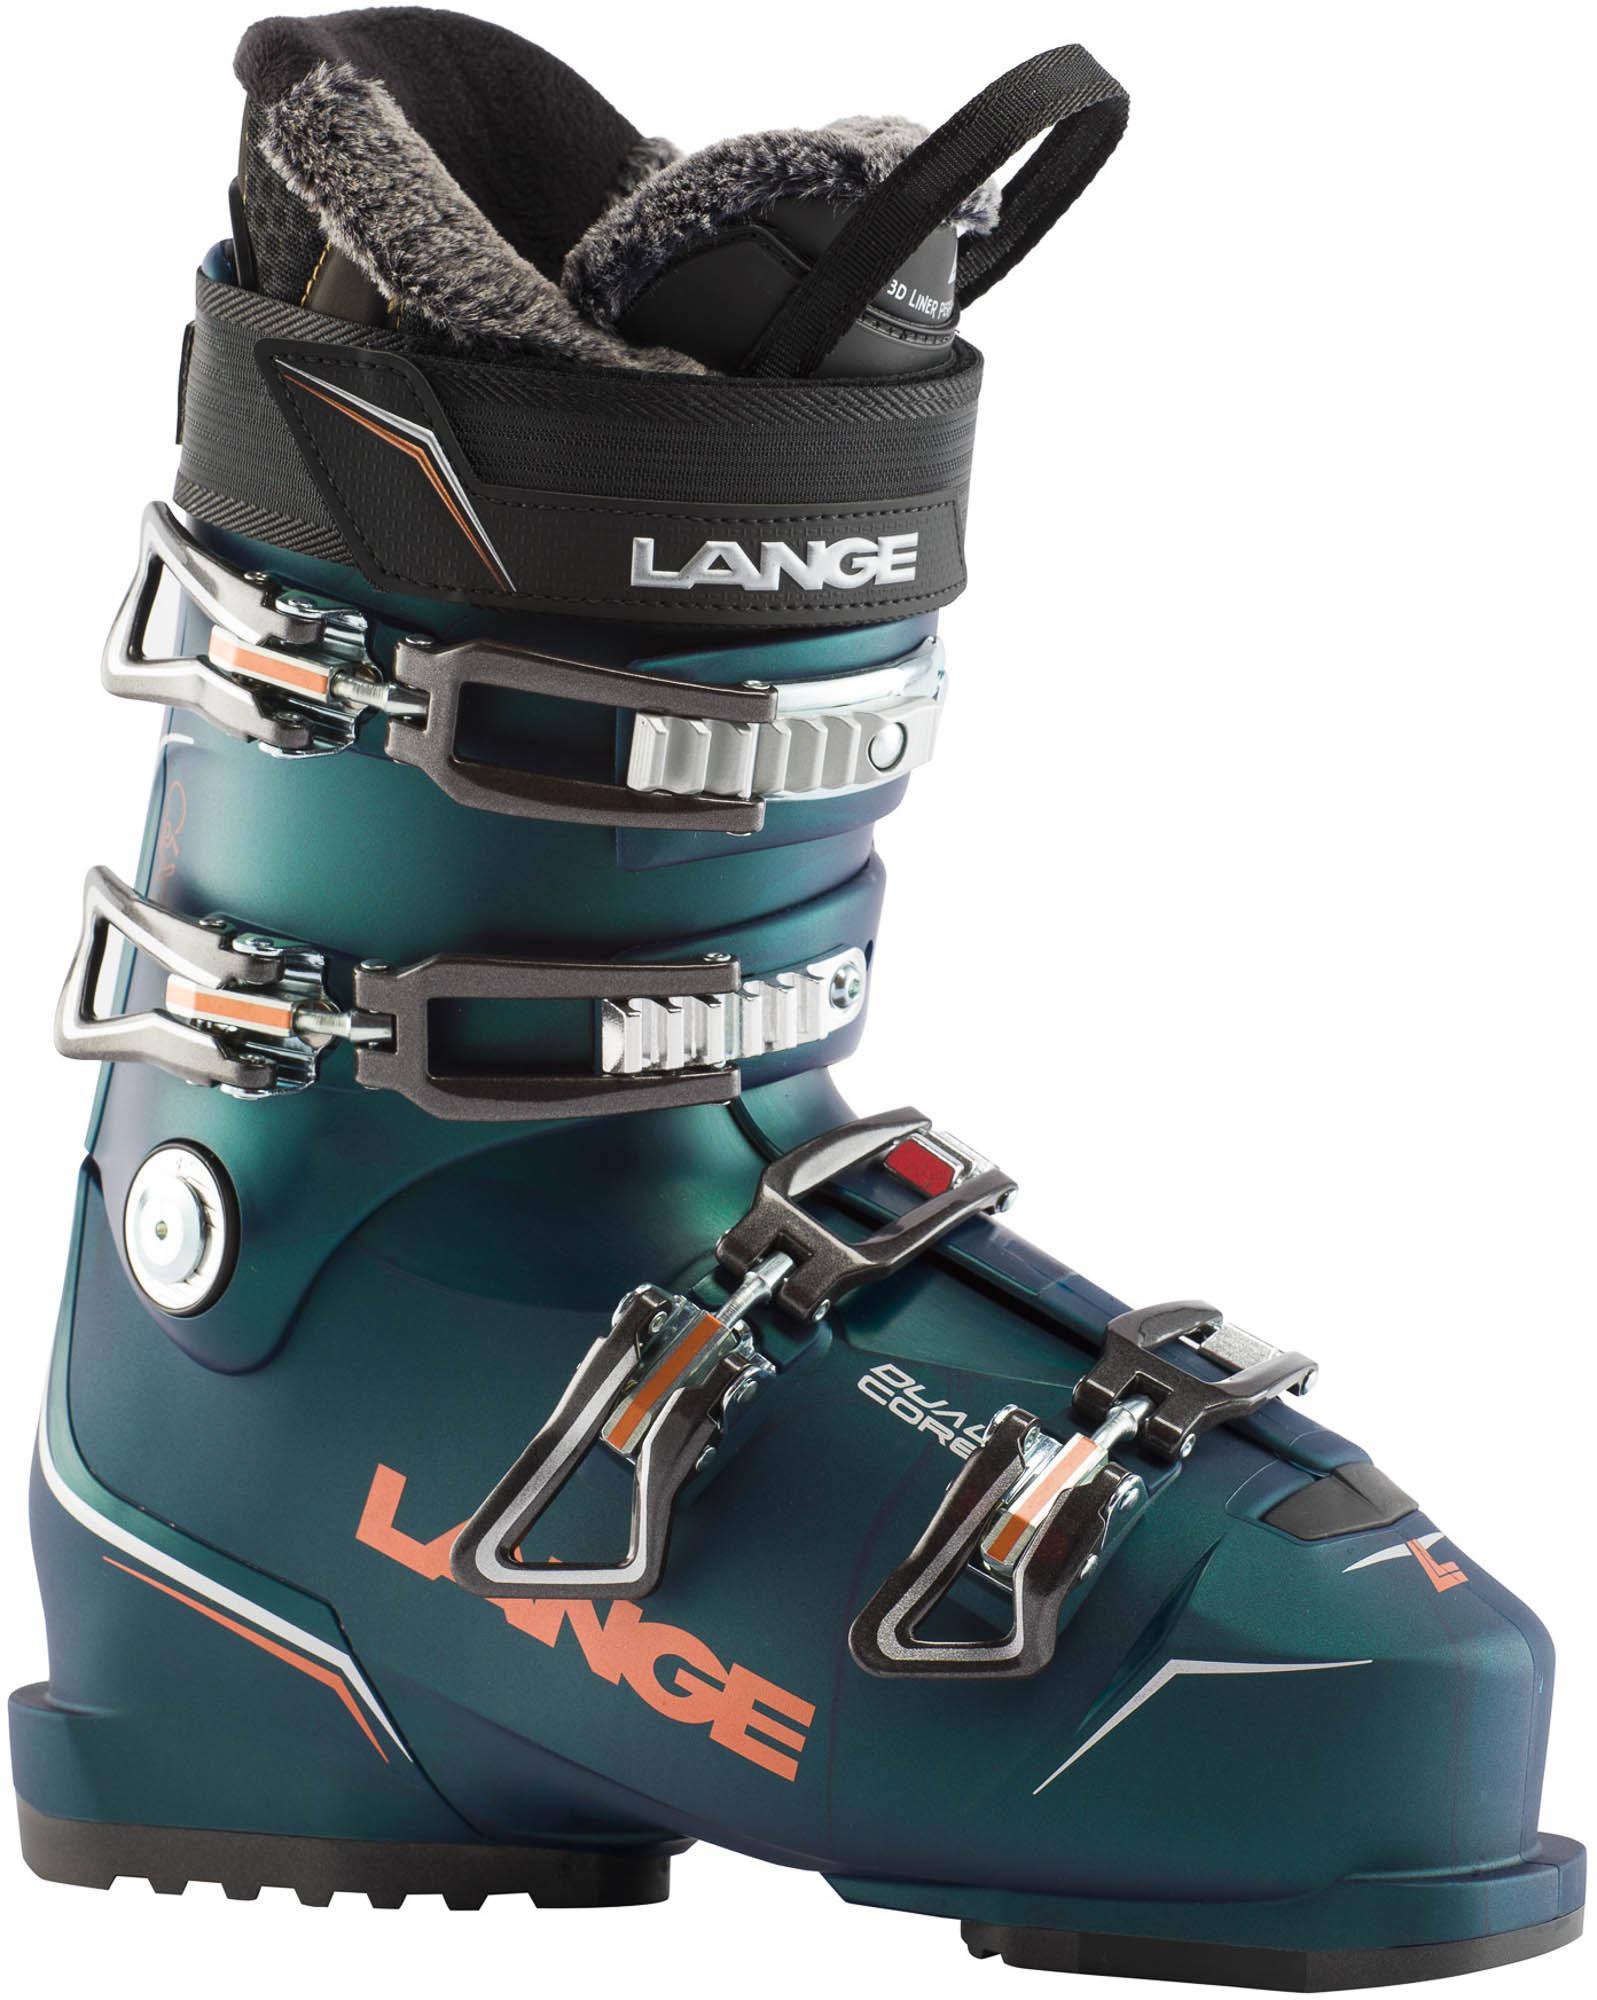 LX 90 W-1